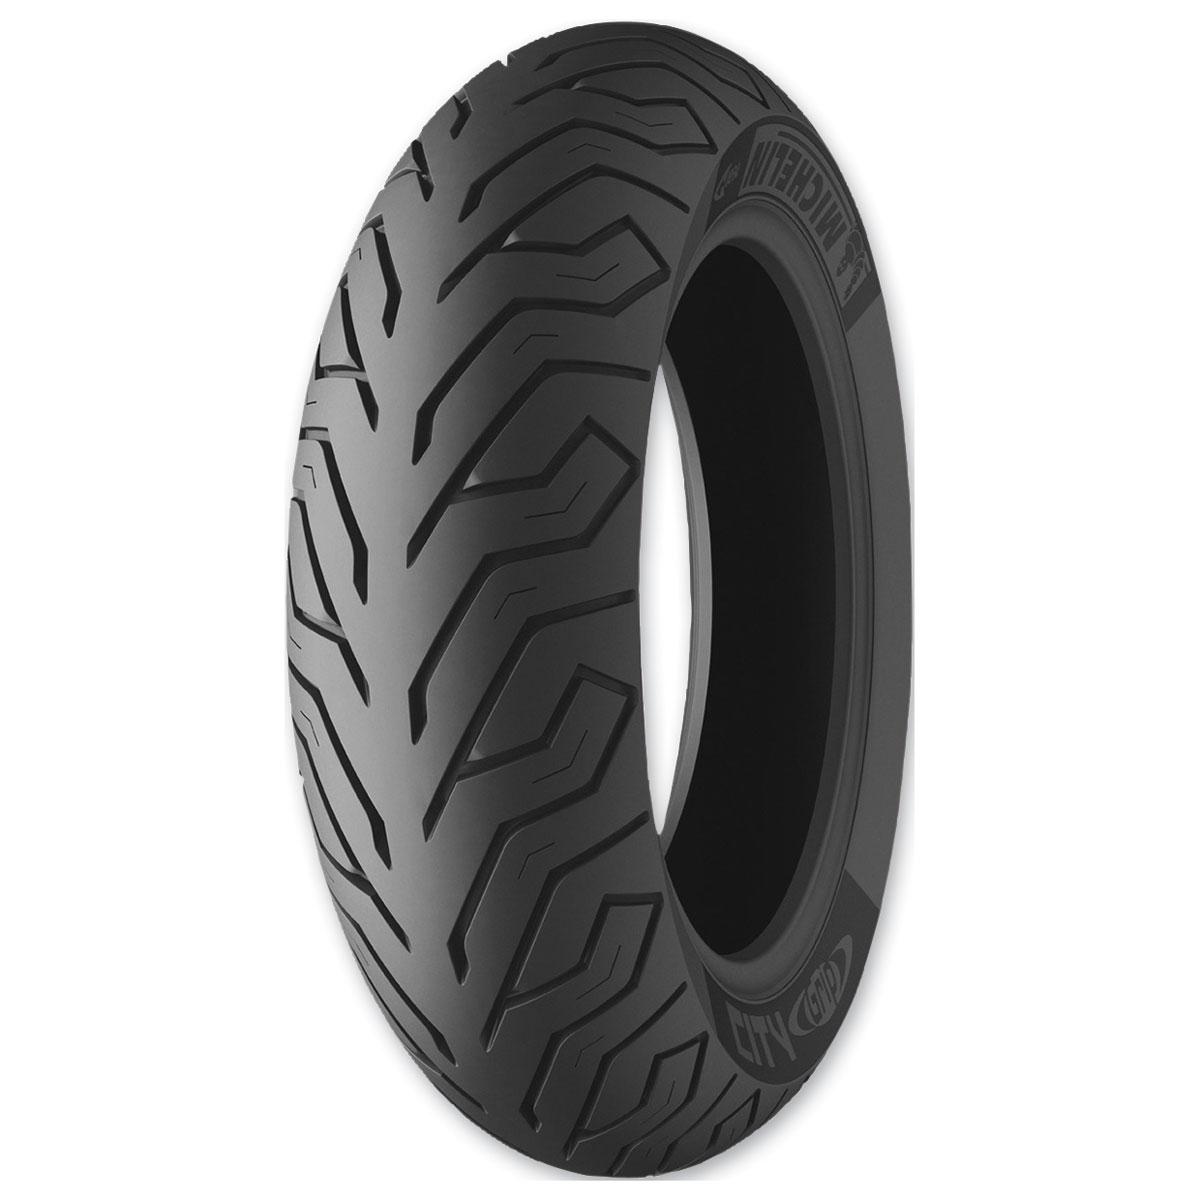 Michelin CITY GRIP 130/70-12 Rear Tire